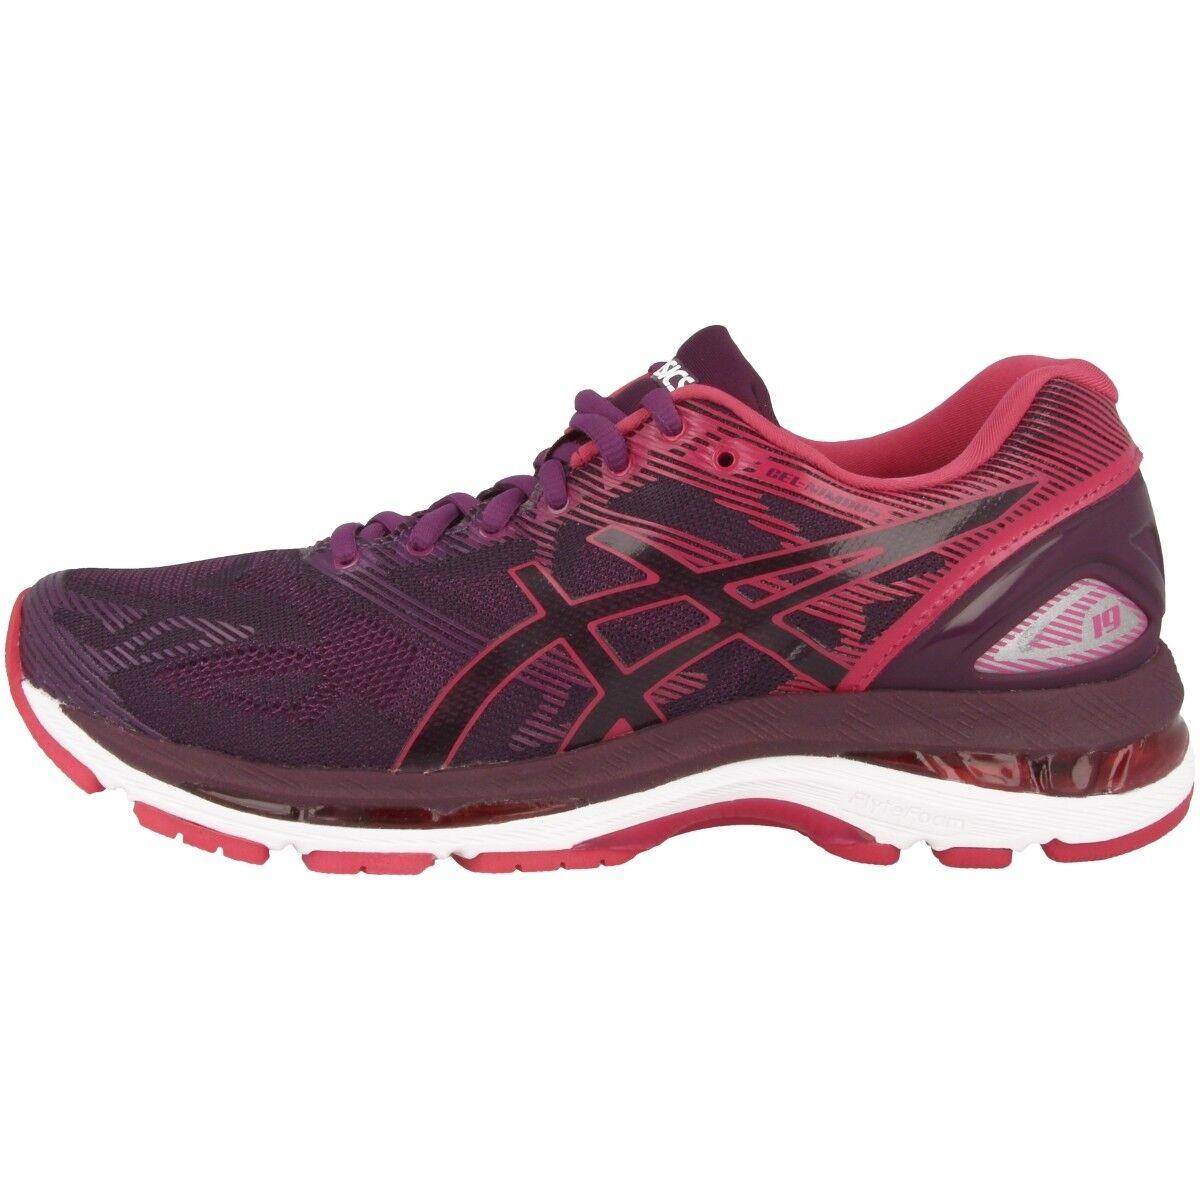 Asics Gel-Nimbus 19 Damens Damen Laufschuhe schwarz pink bloom Running T750N-9020